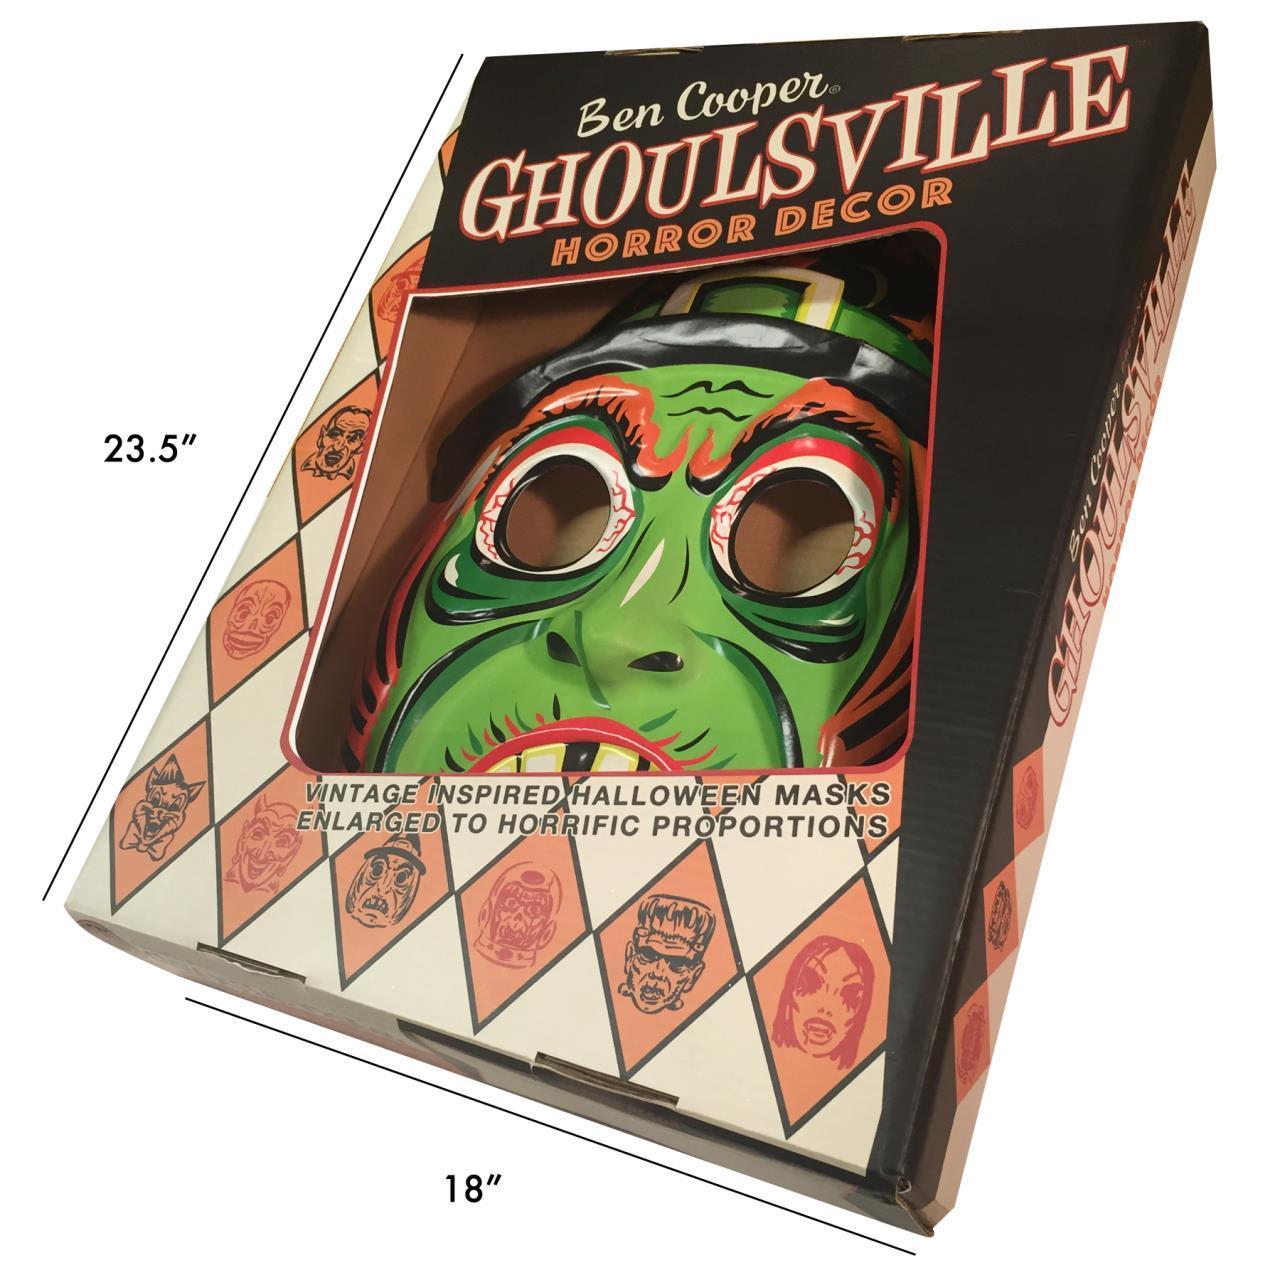 Vintage Inspired Halloween Masks